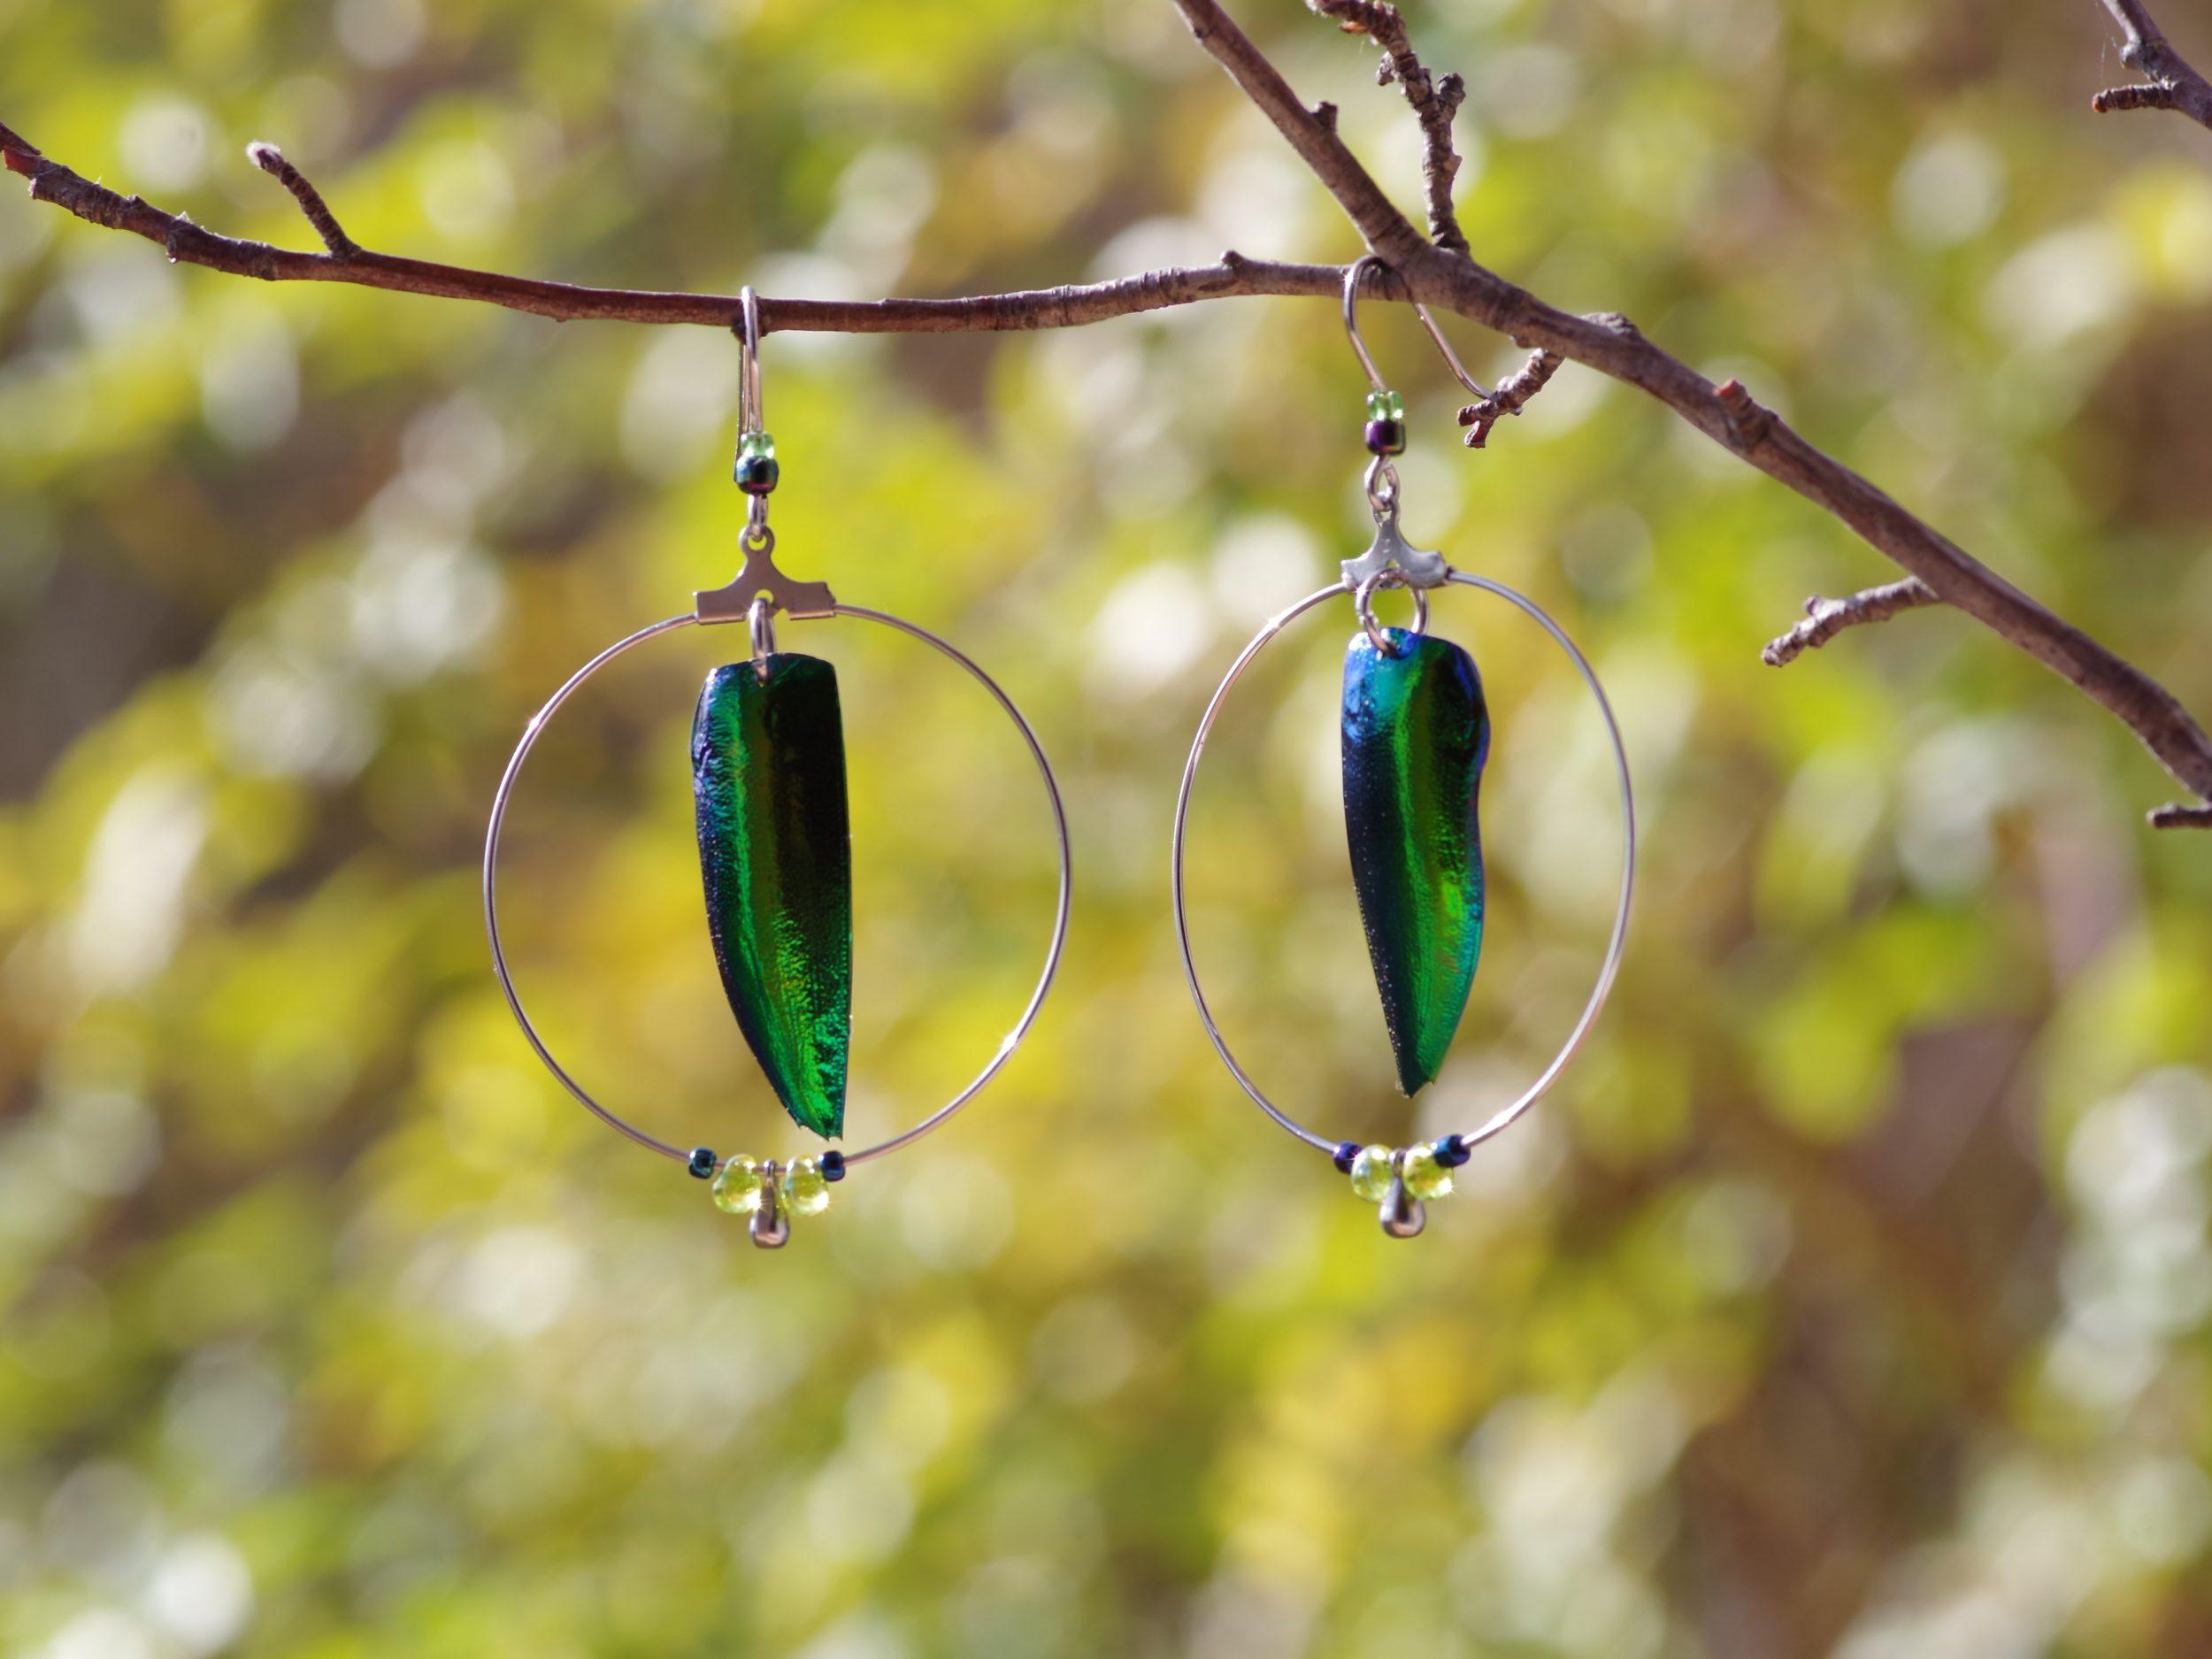 boucles d'oreilles avec des élytres de scarabées vert-bleu à l'intérieur de grands anneaux en inox